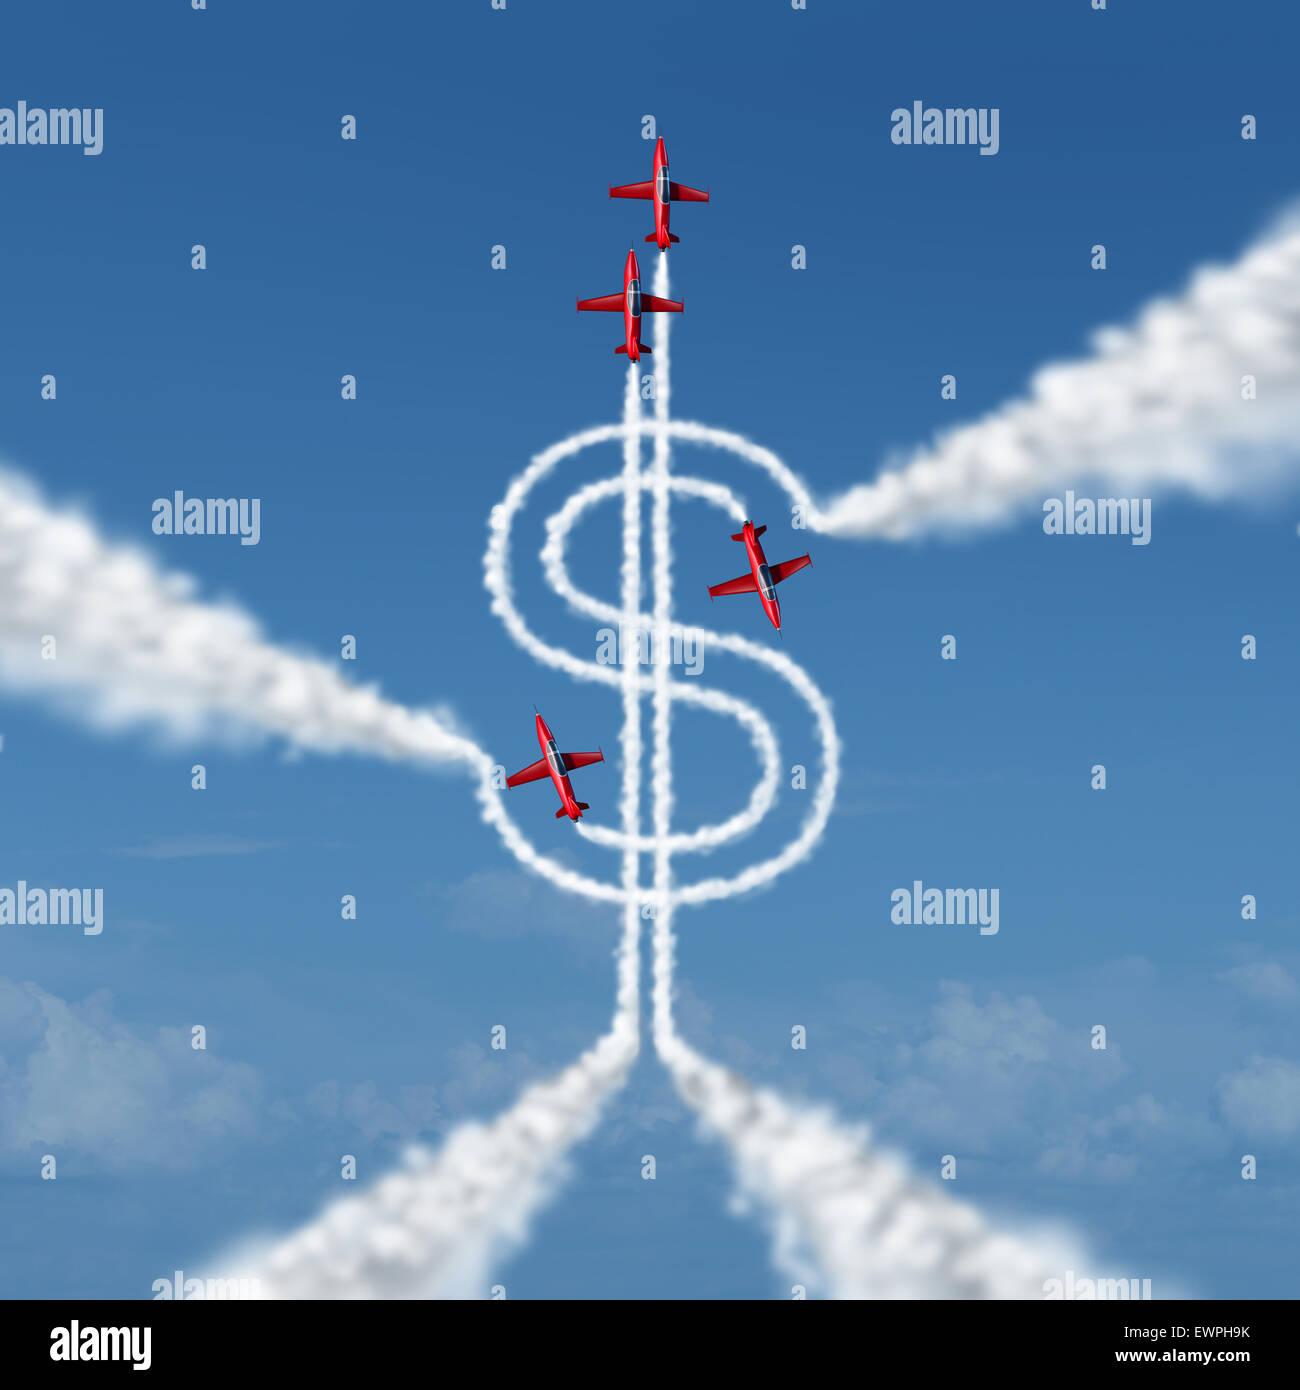 Geld Leistung Konzept als eine Gruppe von akrobatische Düsen in ein Airshowor Flugzeuge fliegen in den Himmel Stockbild